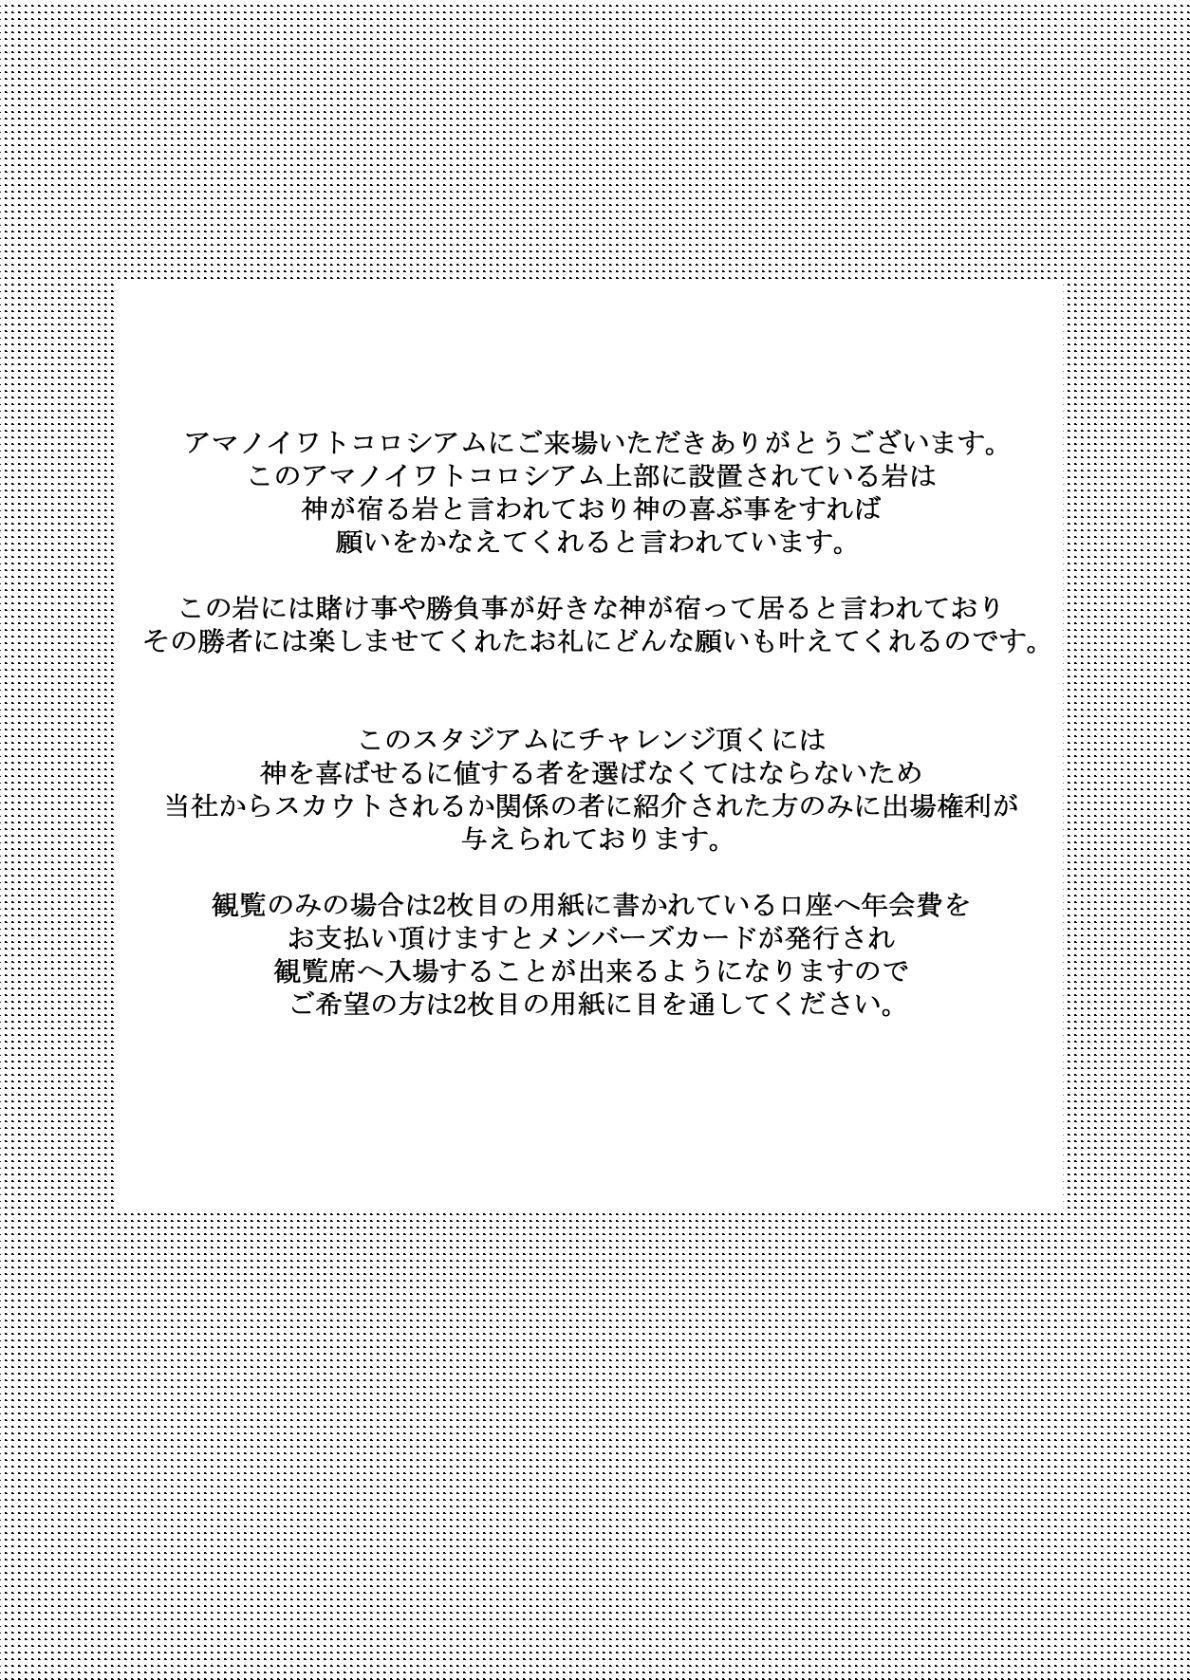 Kyou kara Watashi wa Anata ni Naru. 1